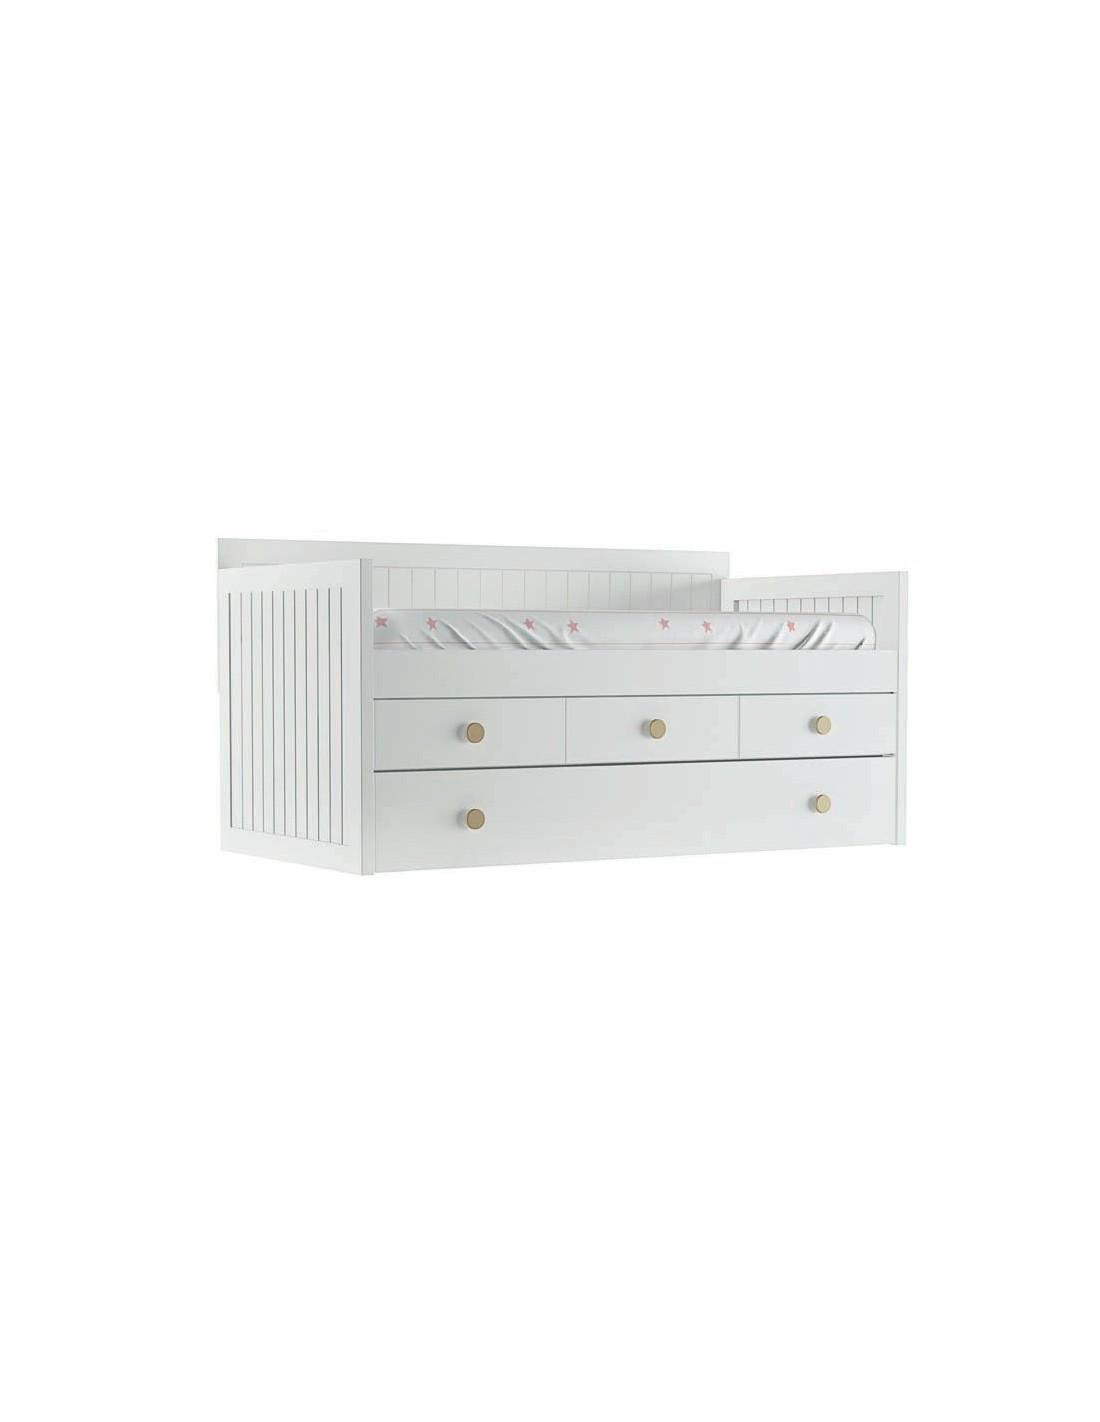 Preciosas camas nido blancas con cajones muebles - Cama nido blanca con cajones ...